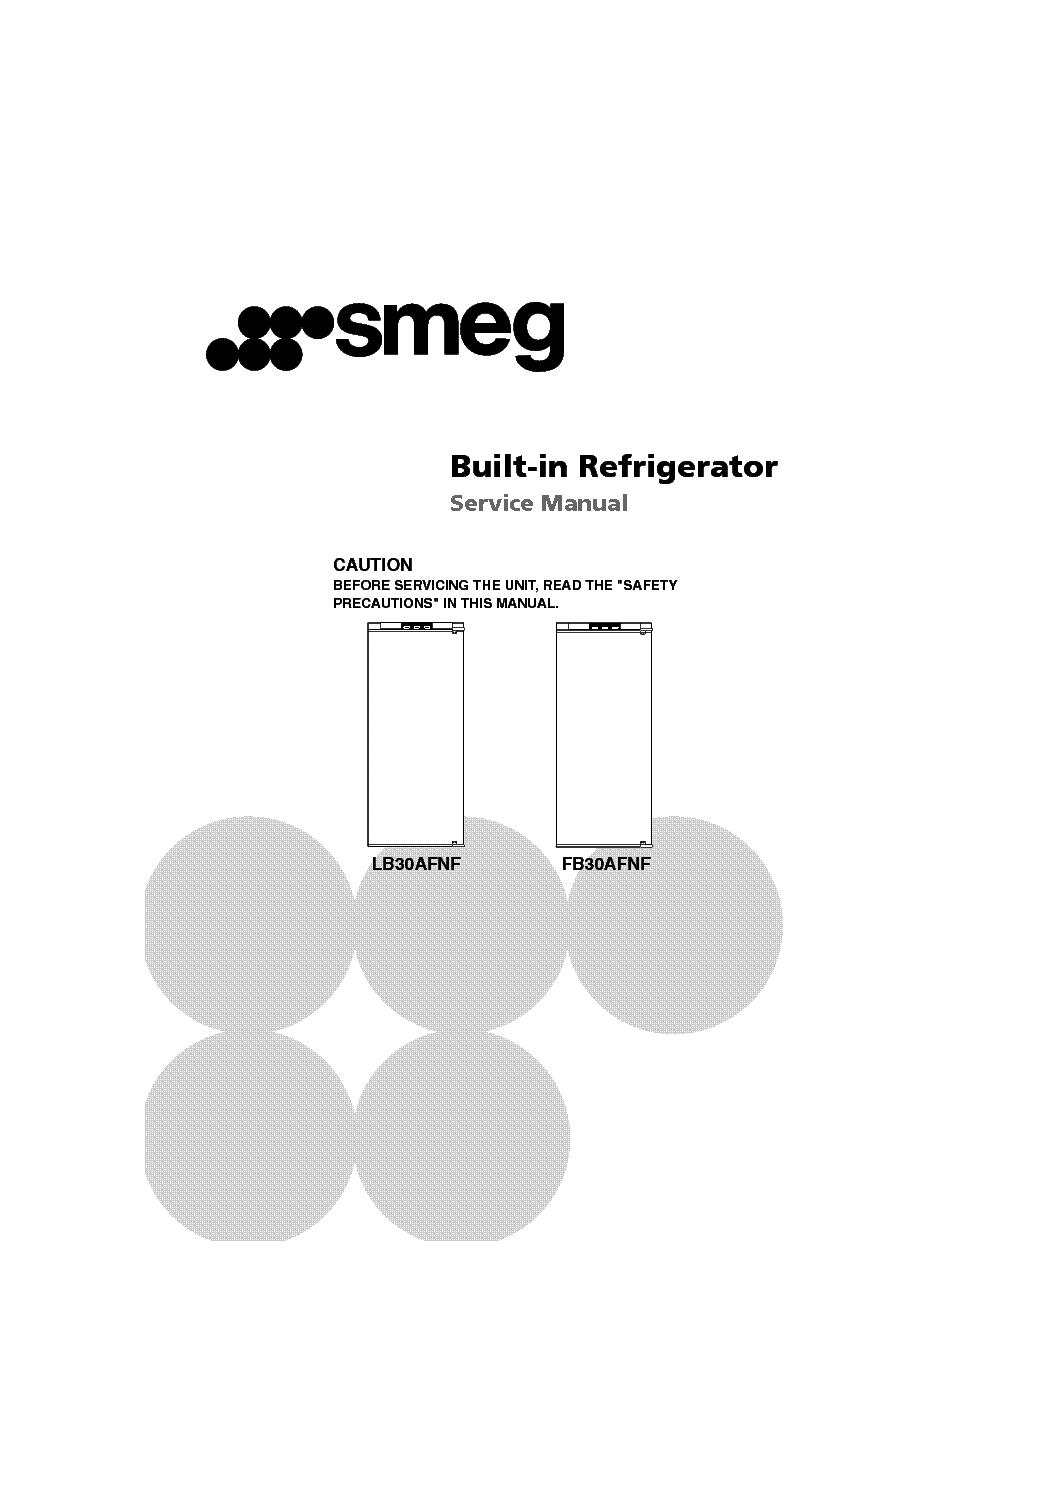 Lg Smeg Lb30afnf Fb30afnf Service Manual Download Schematics Refrigerator 1st Page